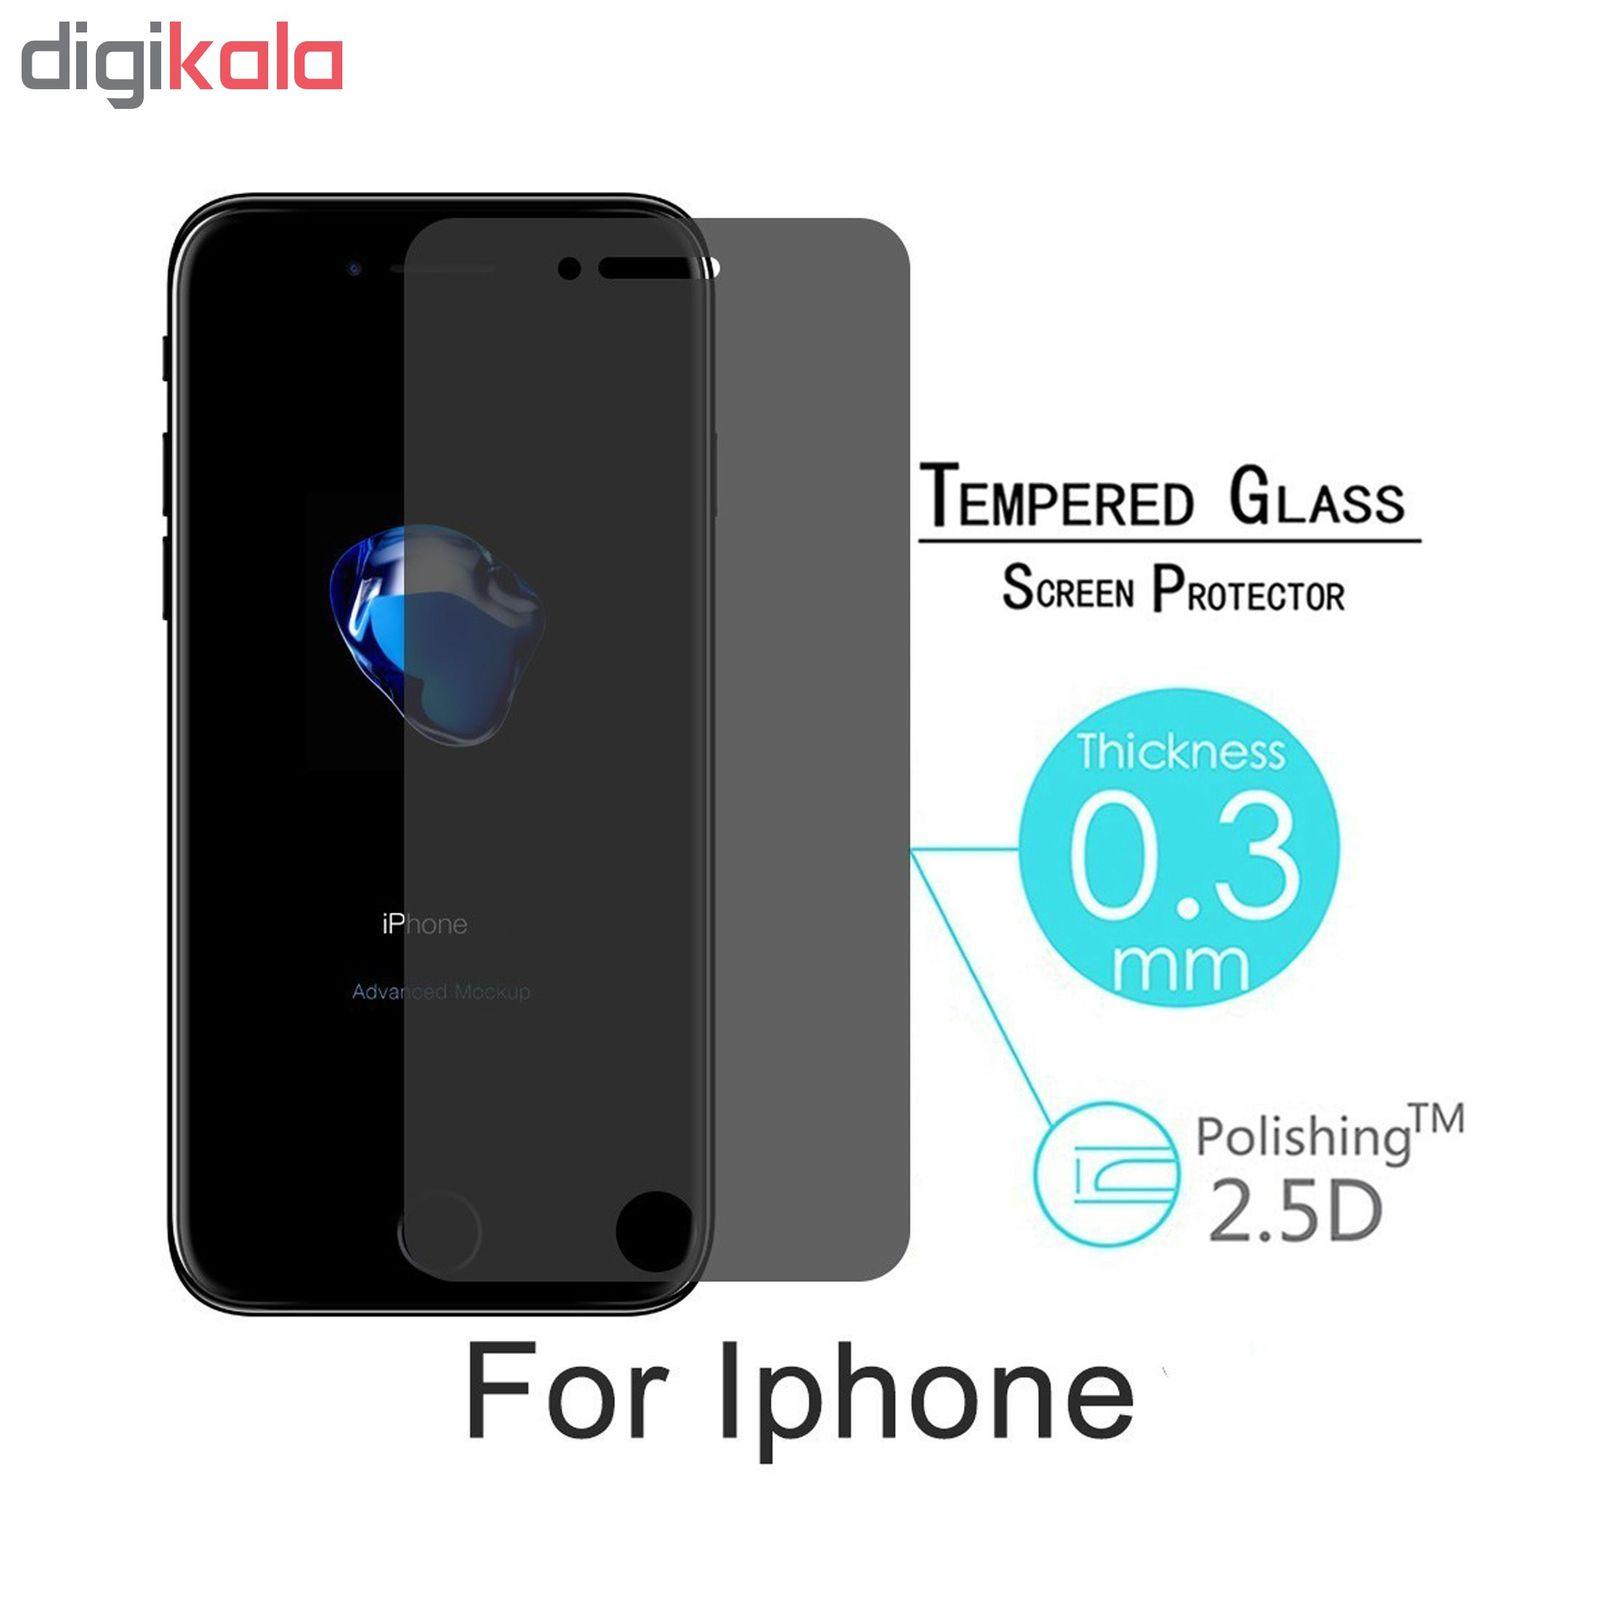 محافظ صفحه نمایش و پشت گوشی مدل Tm-01 مناسب برای گوشی موبایل اپل Iphone 6/ 6s main 1 8